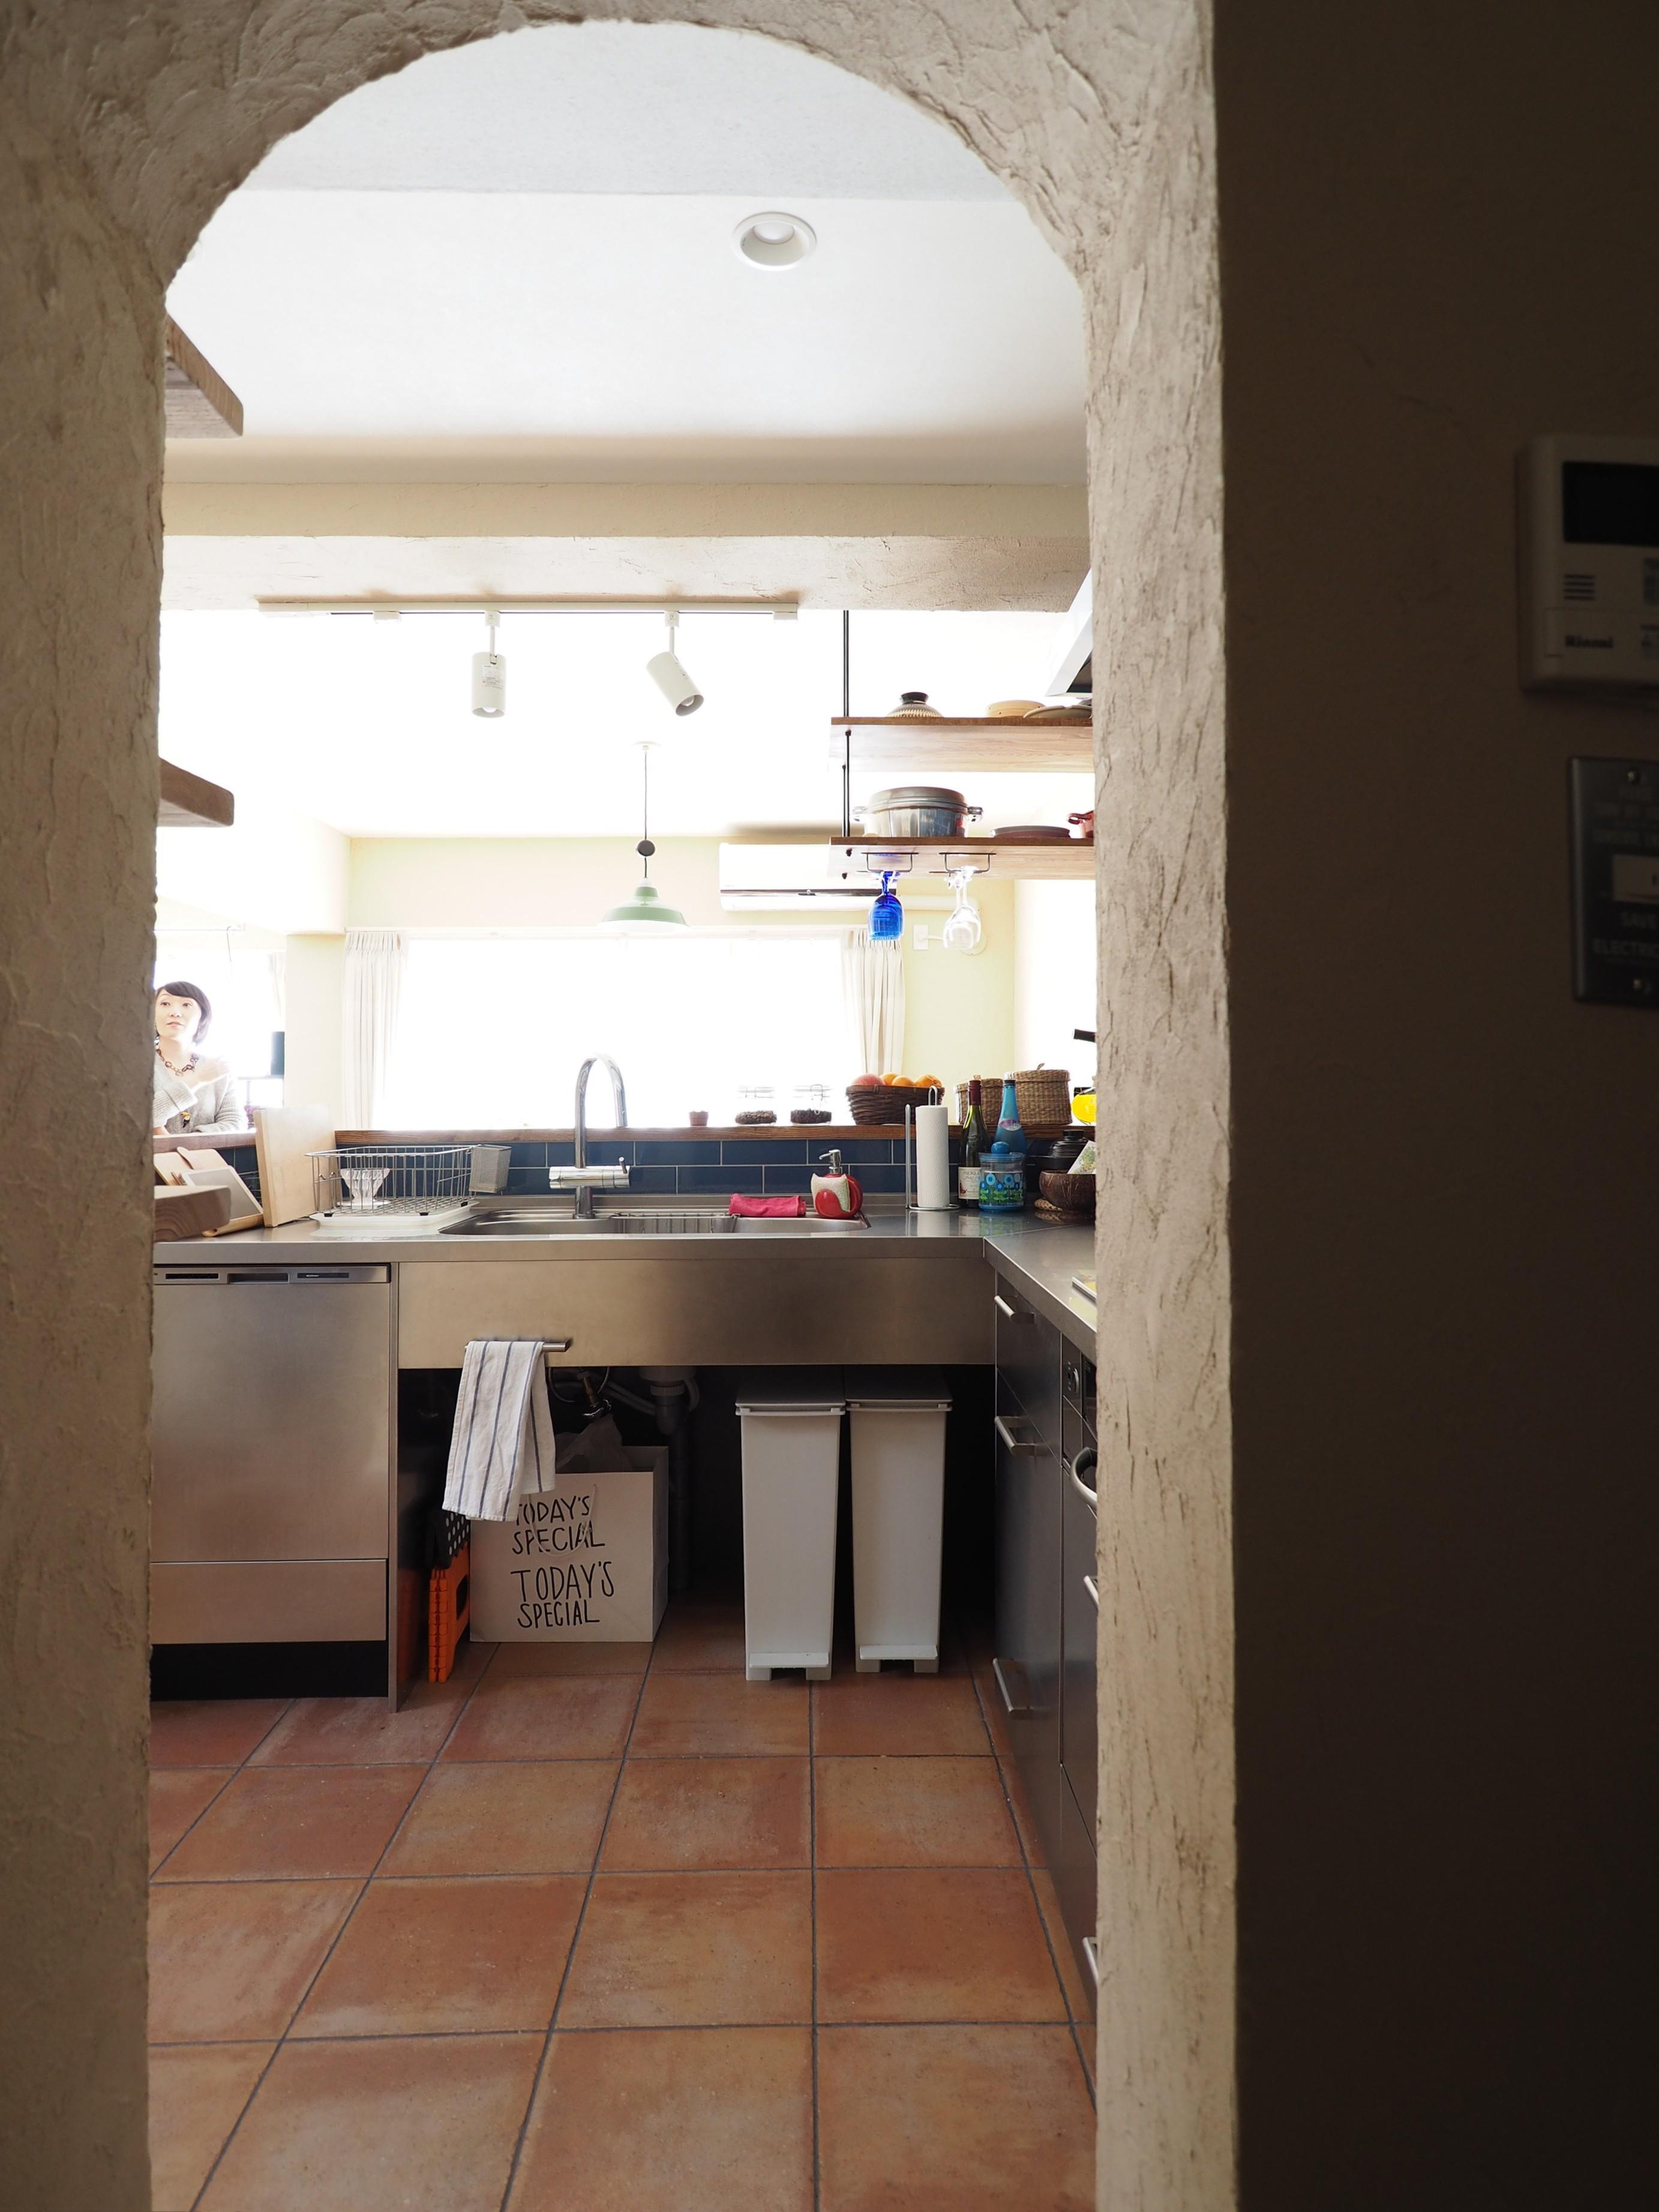 キッチン事例:キッチン(『gron kaffe』 ― カフェのようなLDK)